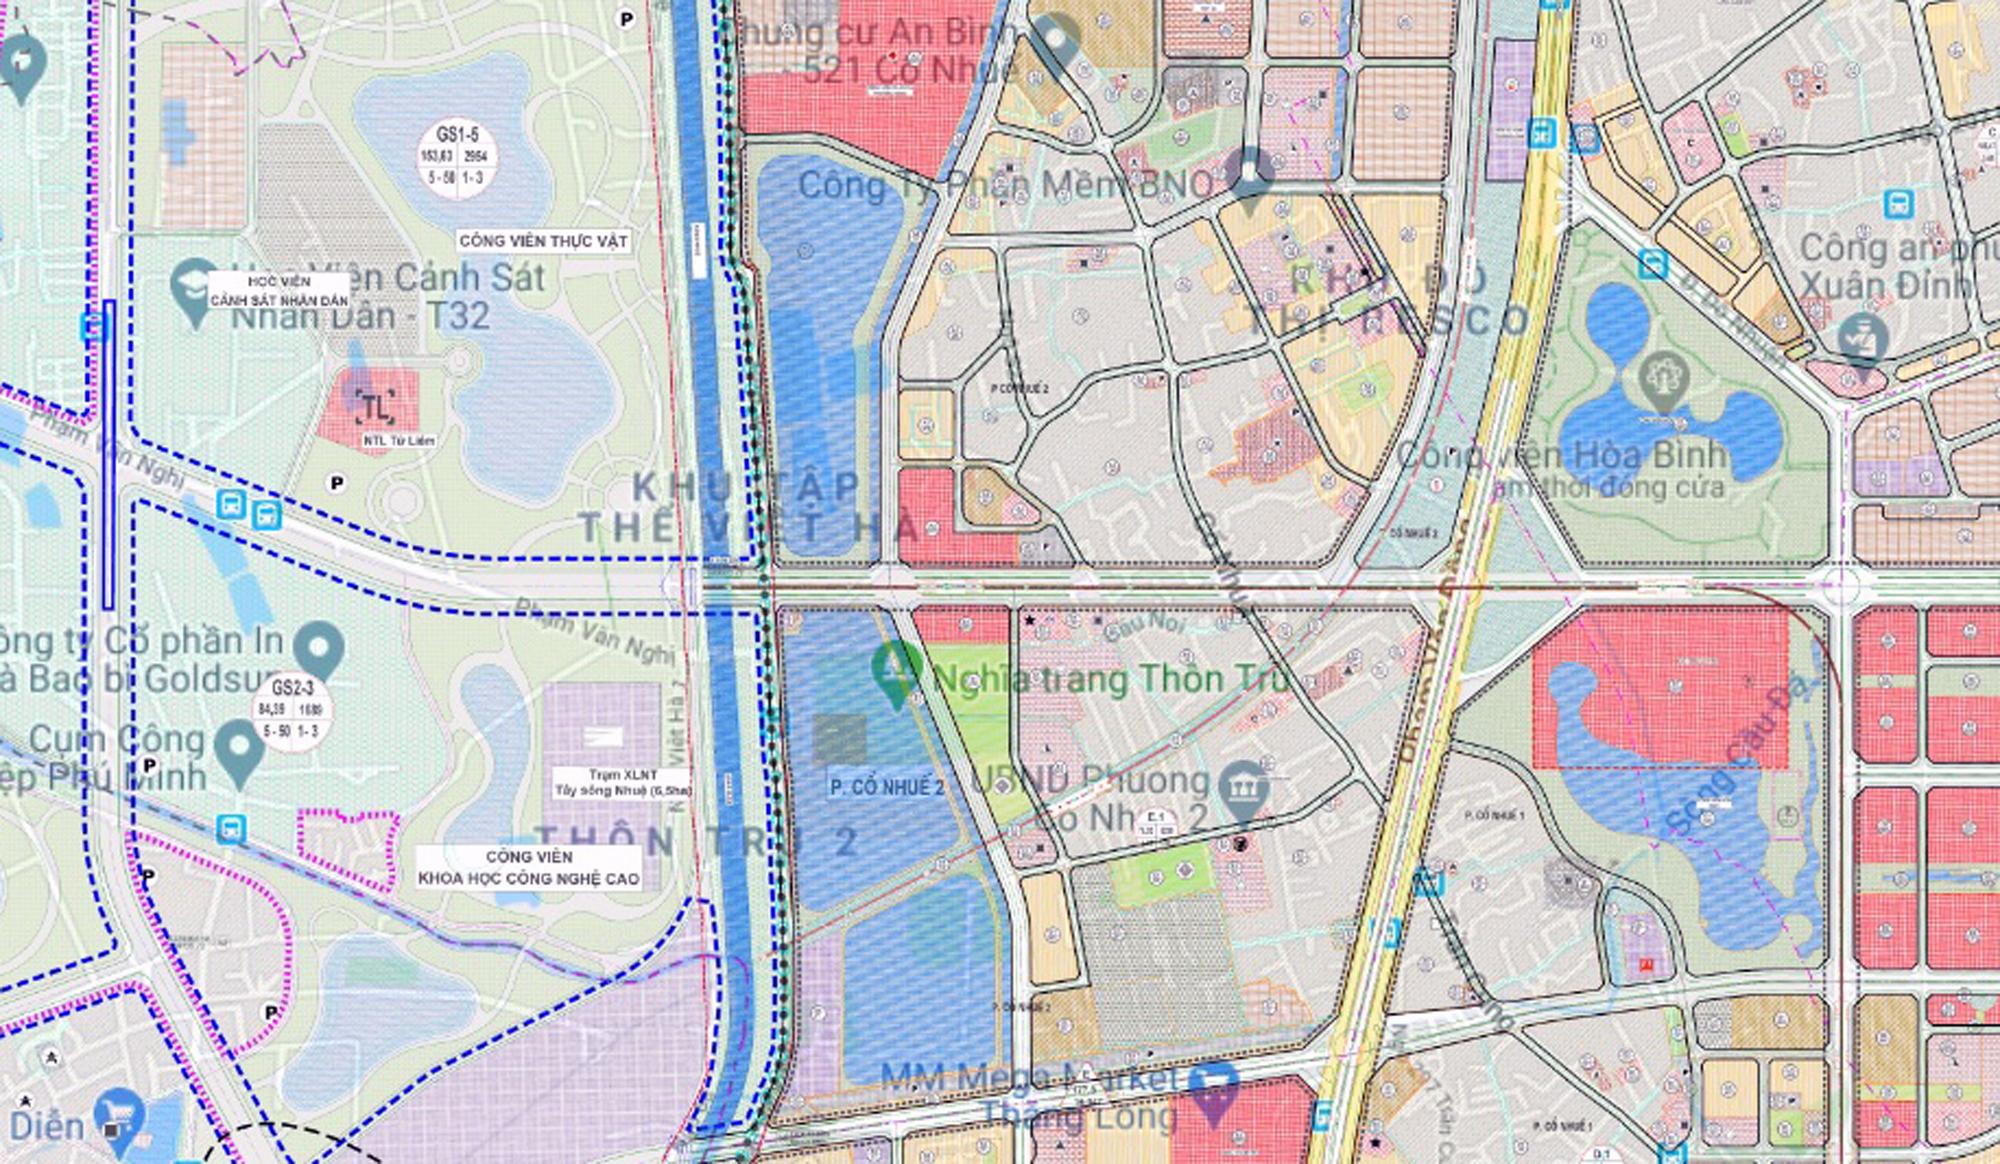 Những dự án chung cư gần các khu đất sẽ đào hồ lớn ở quận Bắc Từ Liêm - Ảnh 8.